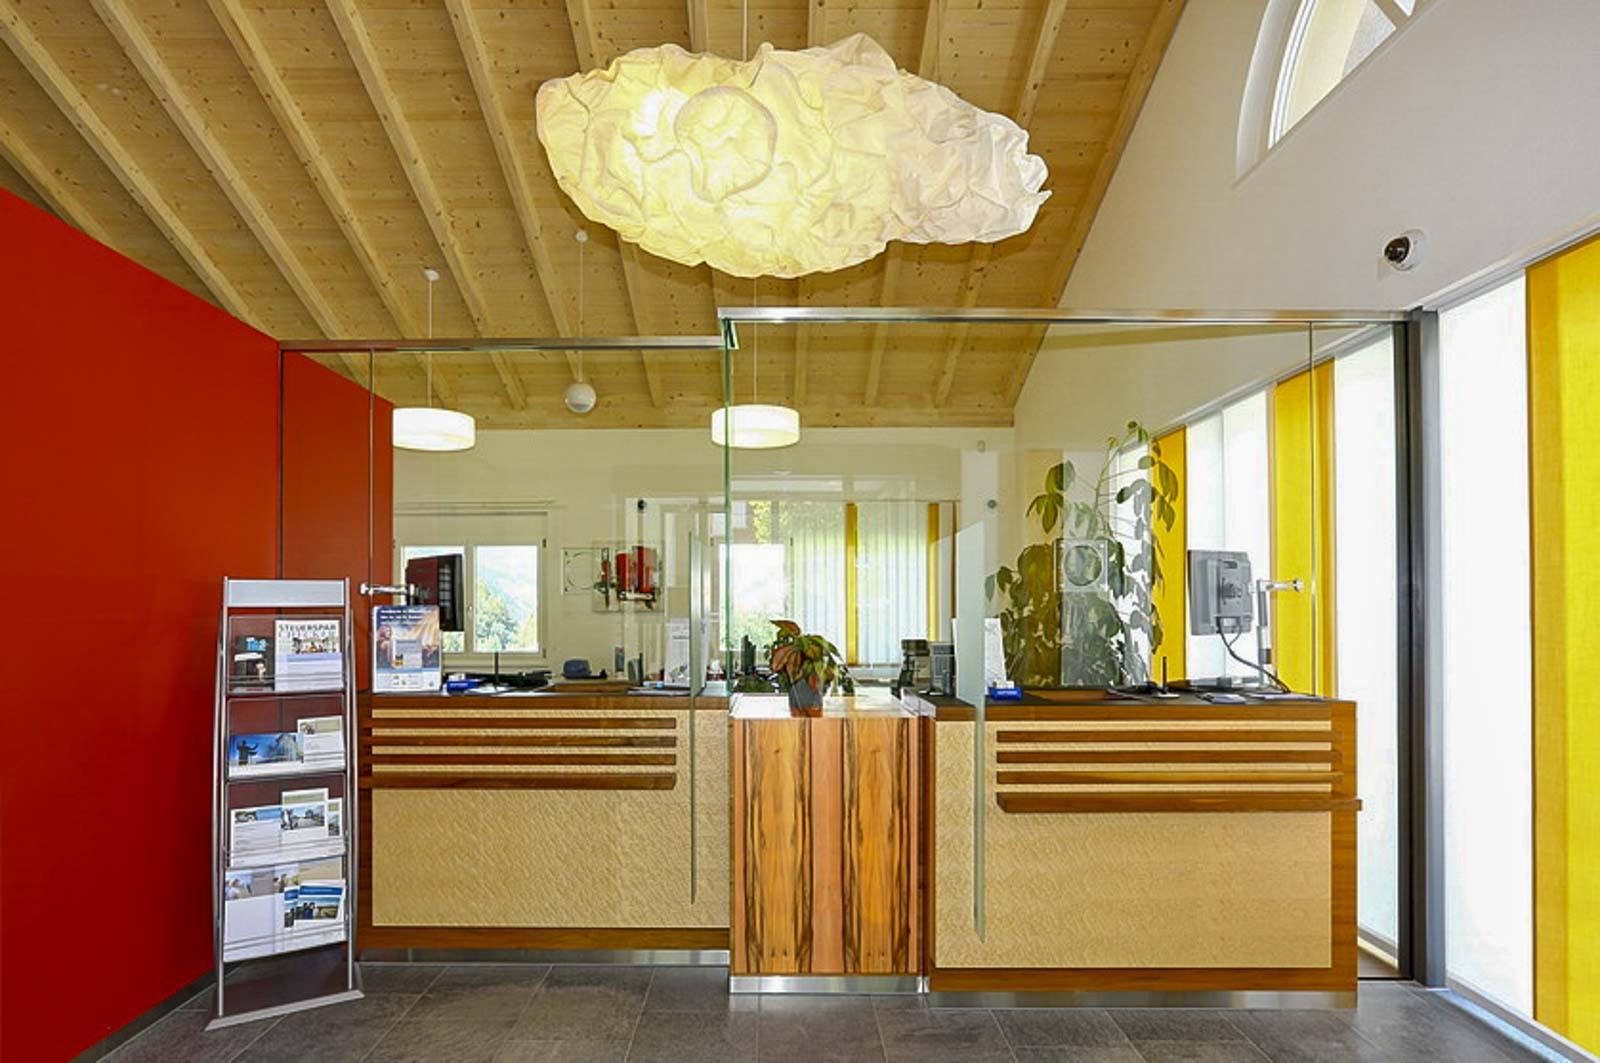 Wooddesign_öffentliche Bauten_Schalteranlage_Raiffeisen Jaun_Panzerglas (1)